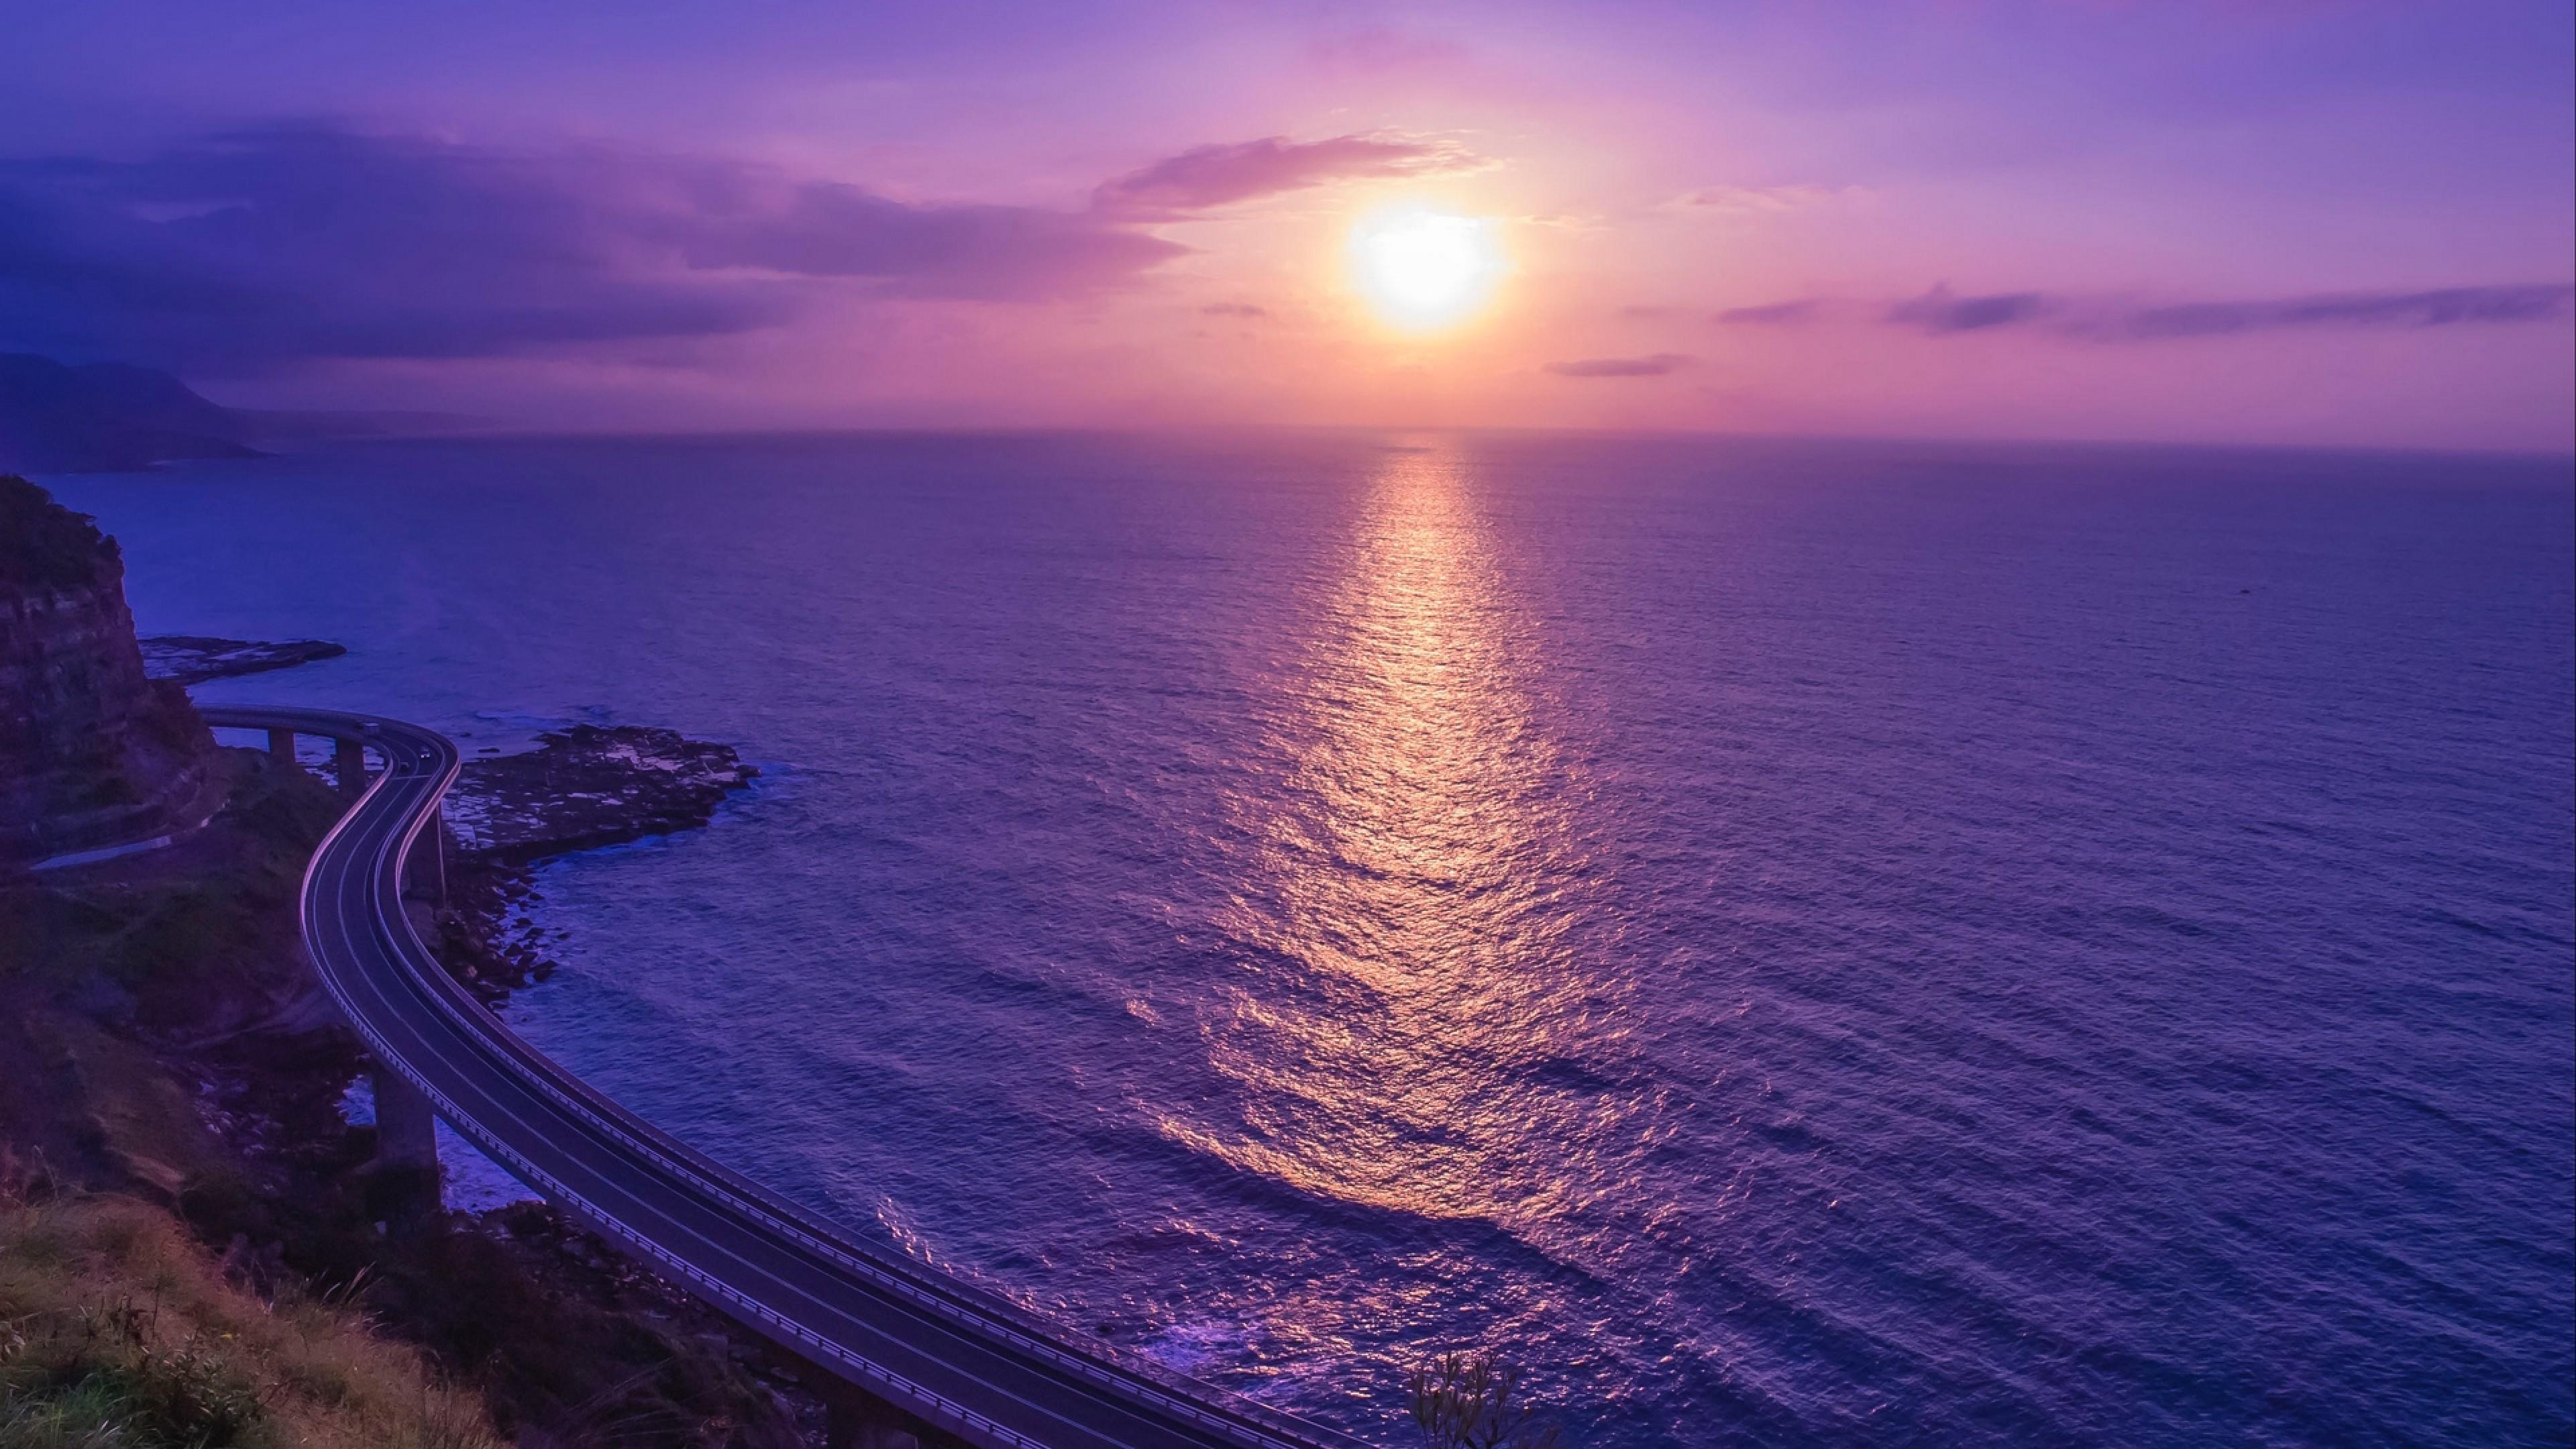 Lilac Sea Sunset Hd Wallpaper 4k Ultra Hd Hd Wallpaper